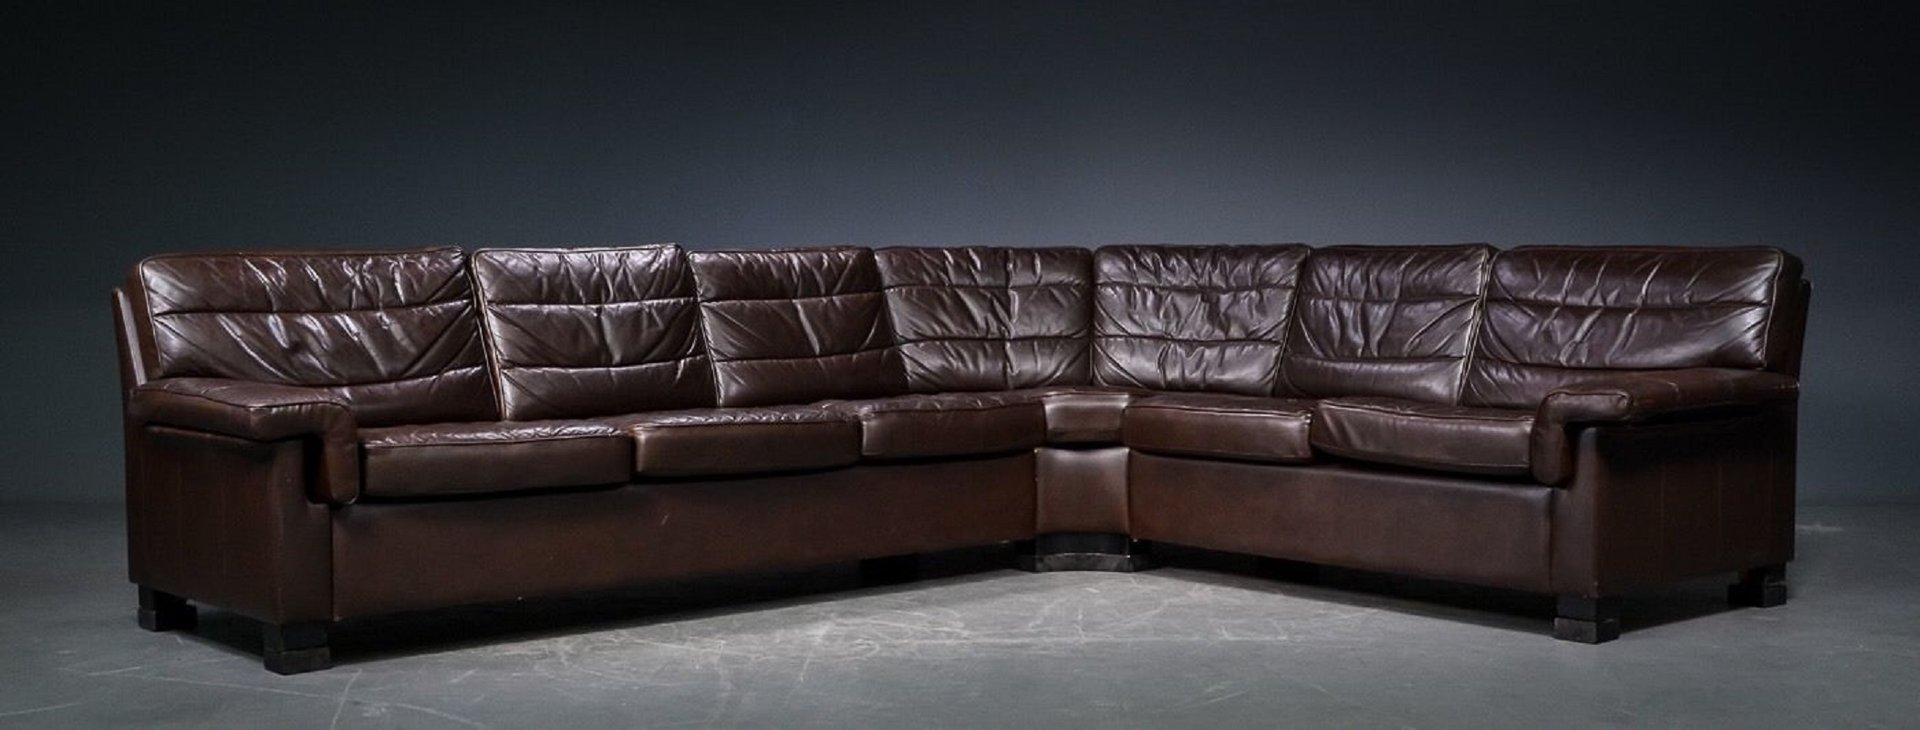 d nisches vintage ecksofa aus braunem leder bei pamono kaufen. Black Bedroom Furniture Sets. Home Design Ideas